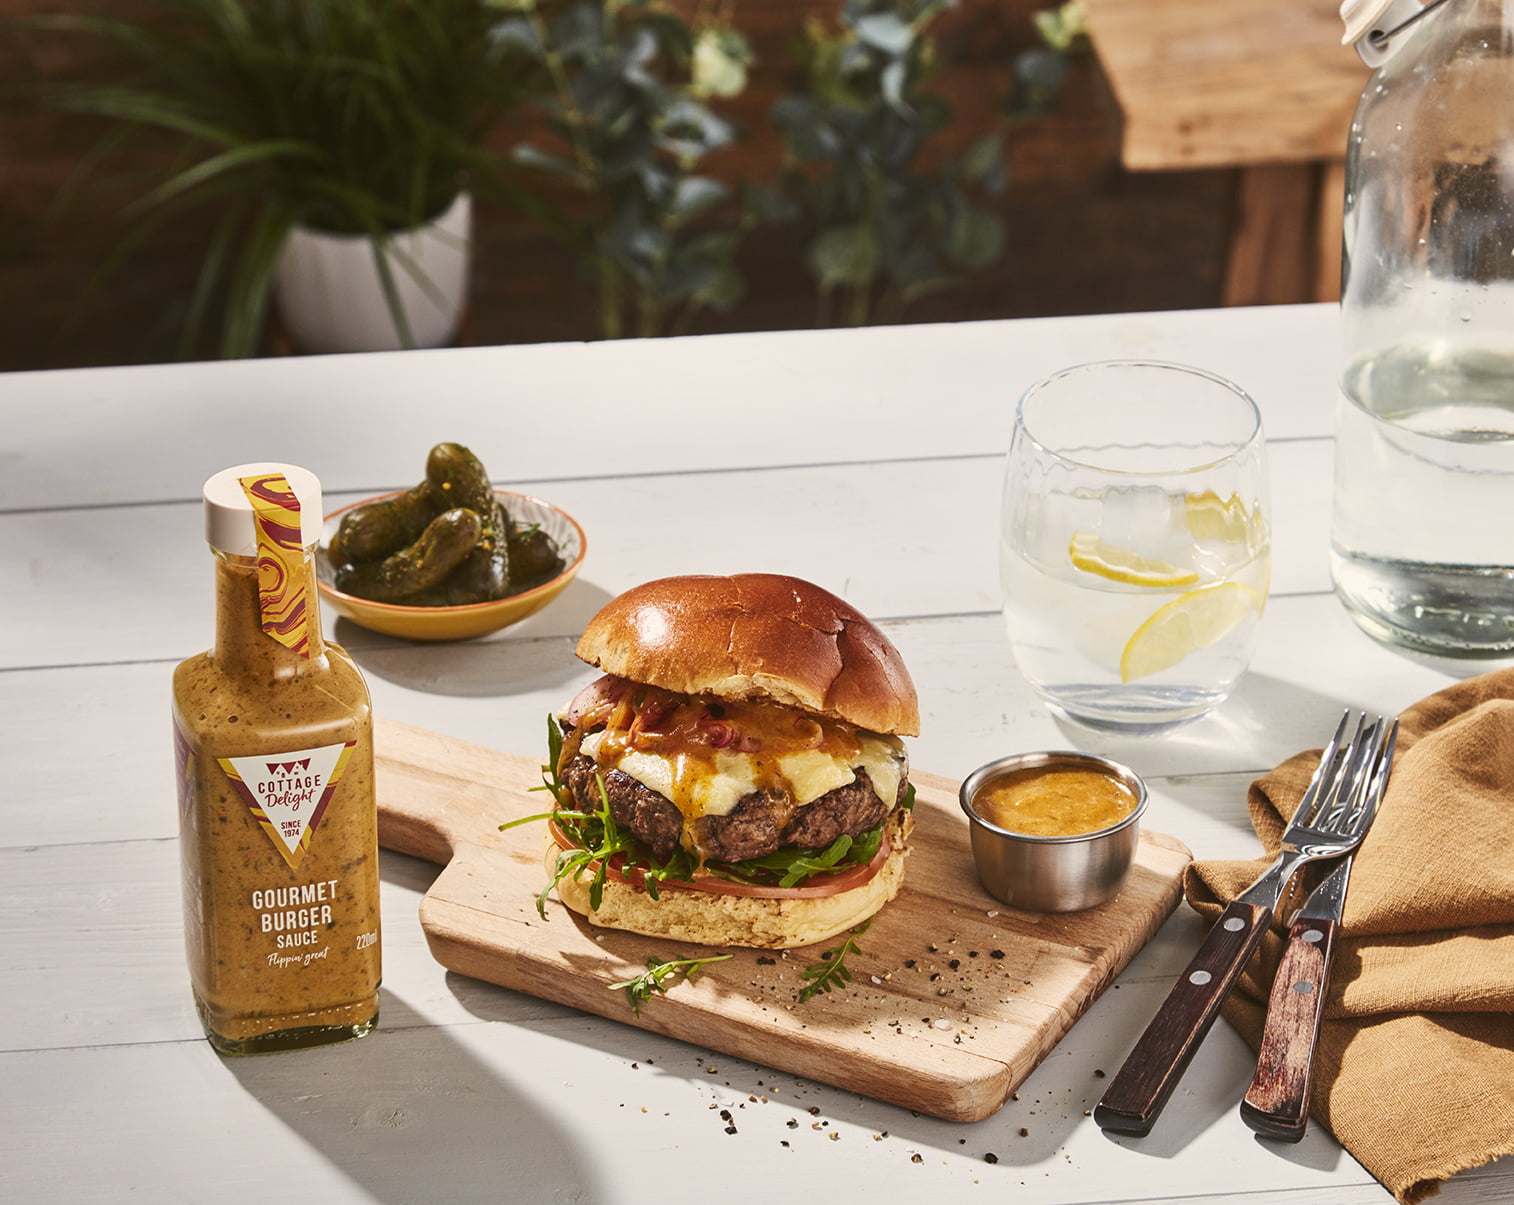 Gourmet burger sauce on a burger